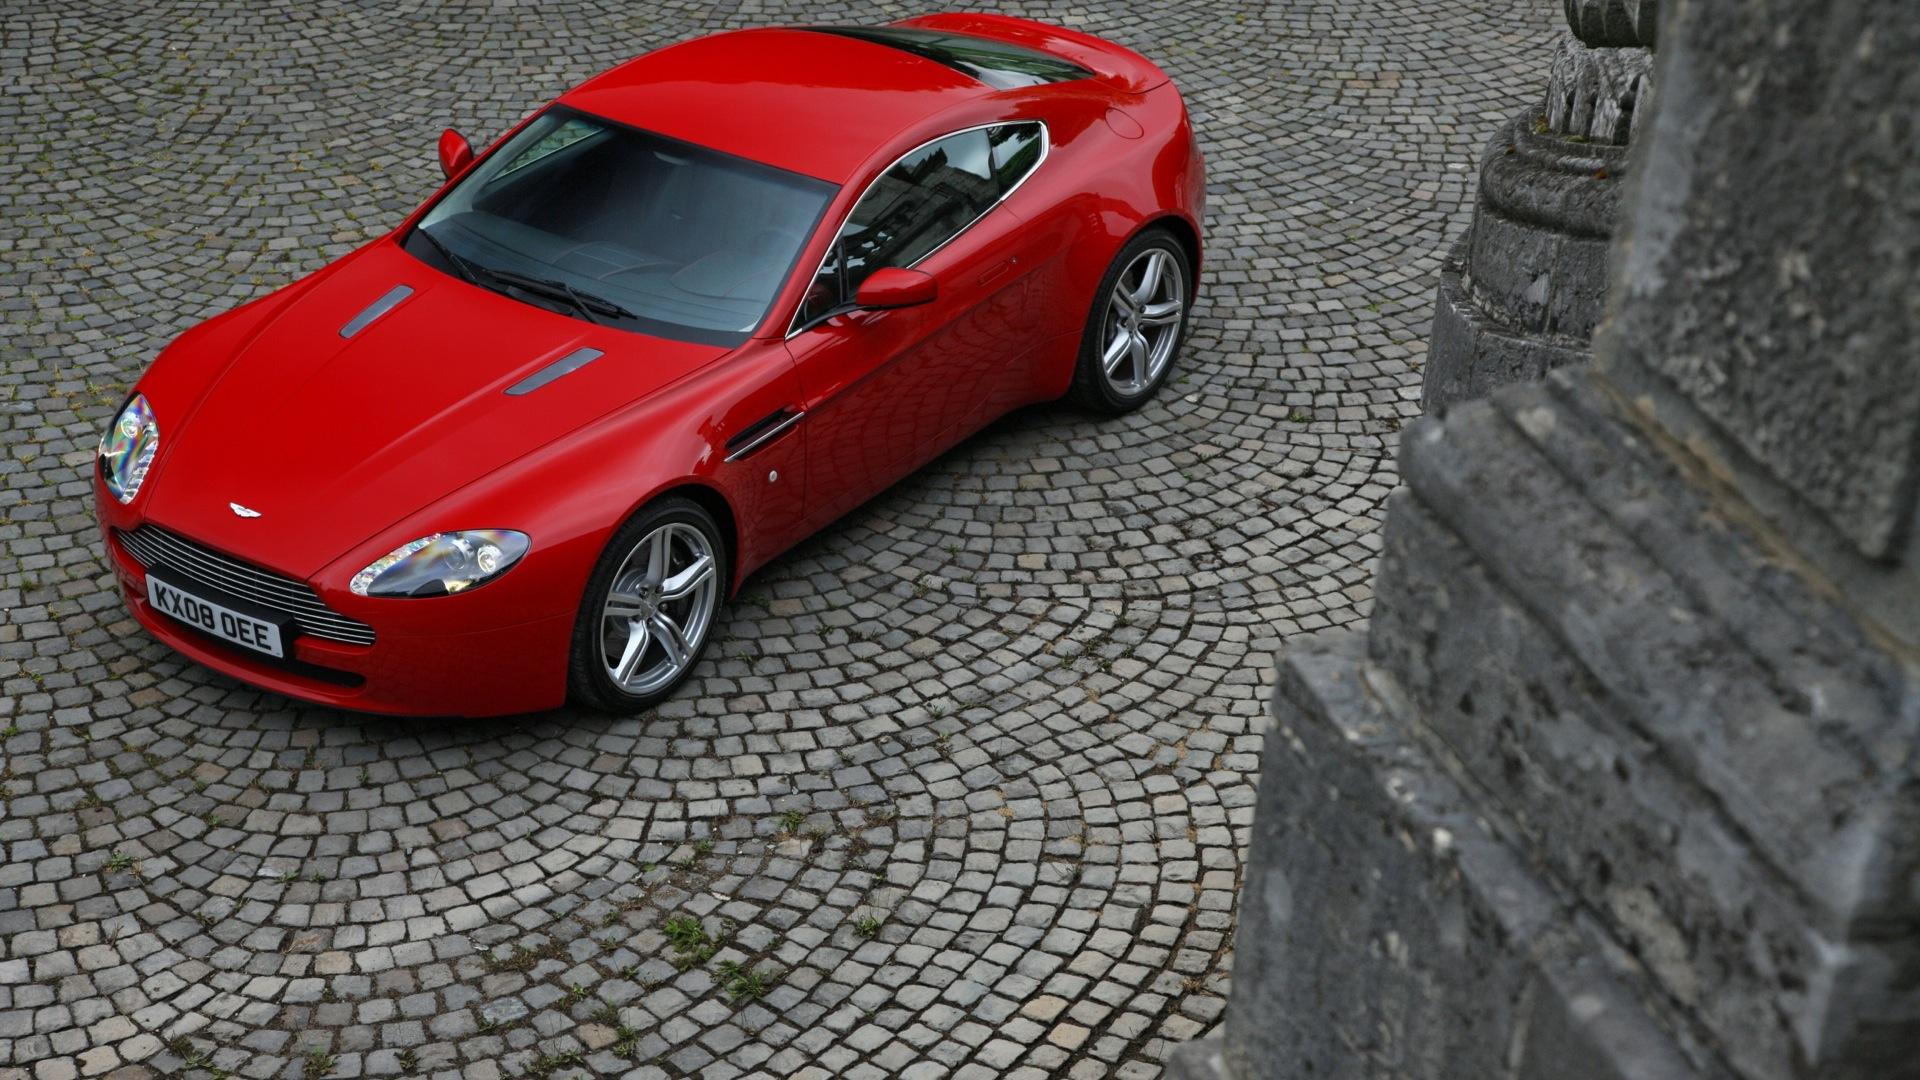 Aston Martin Vantage S 2013 STD